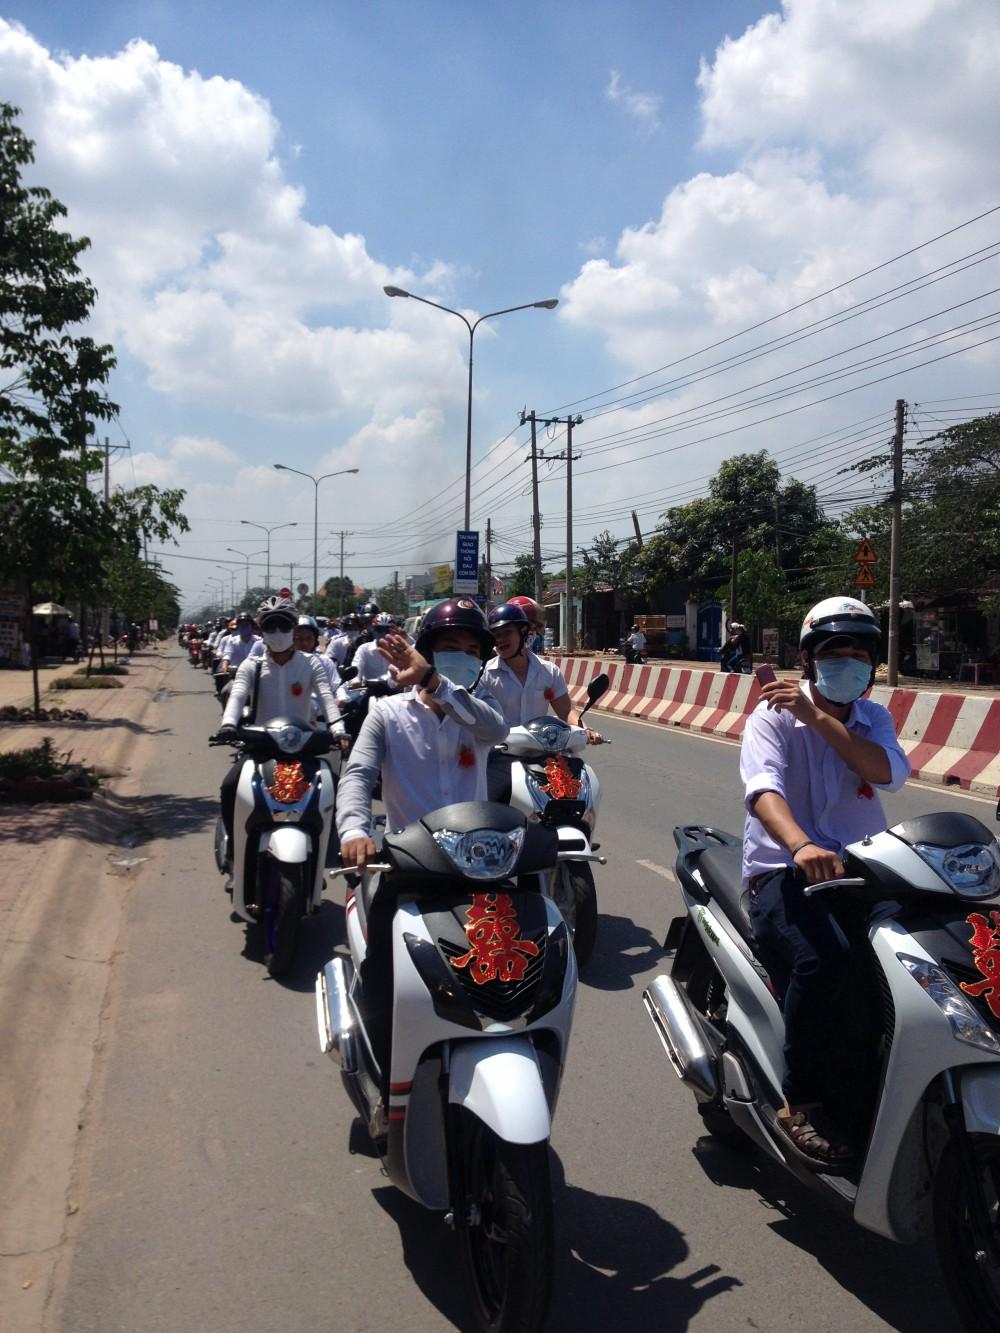 Le ruoc dau cua thanh vien Hoi Sh Binh Duong - 6